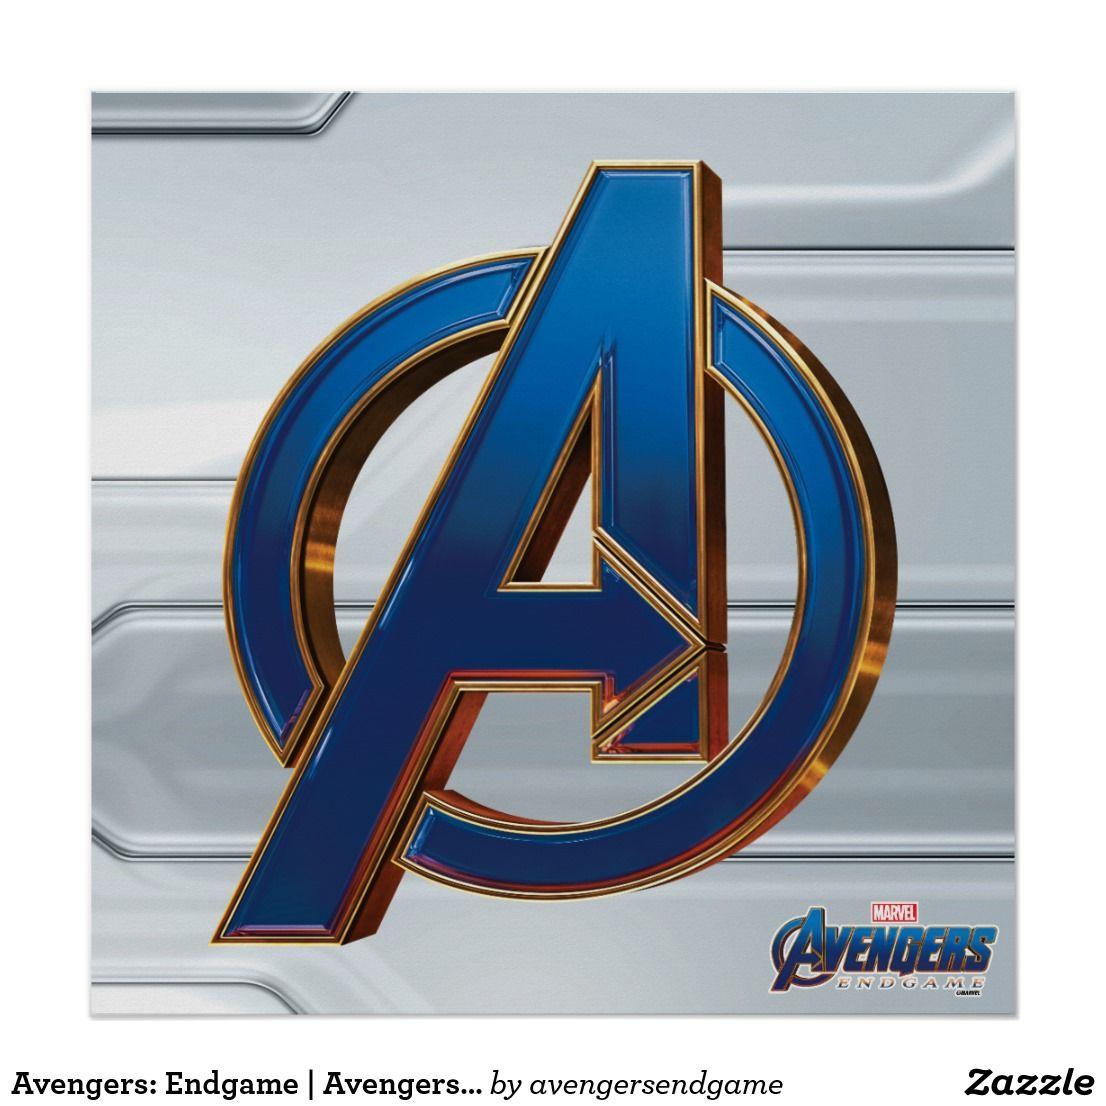 Avengers Endgame Avengers Blue Gold Logo Poster Avengers Logo Avengers Avengers Symbols